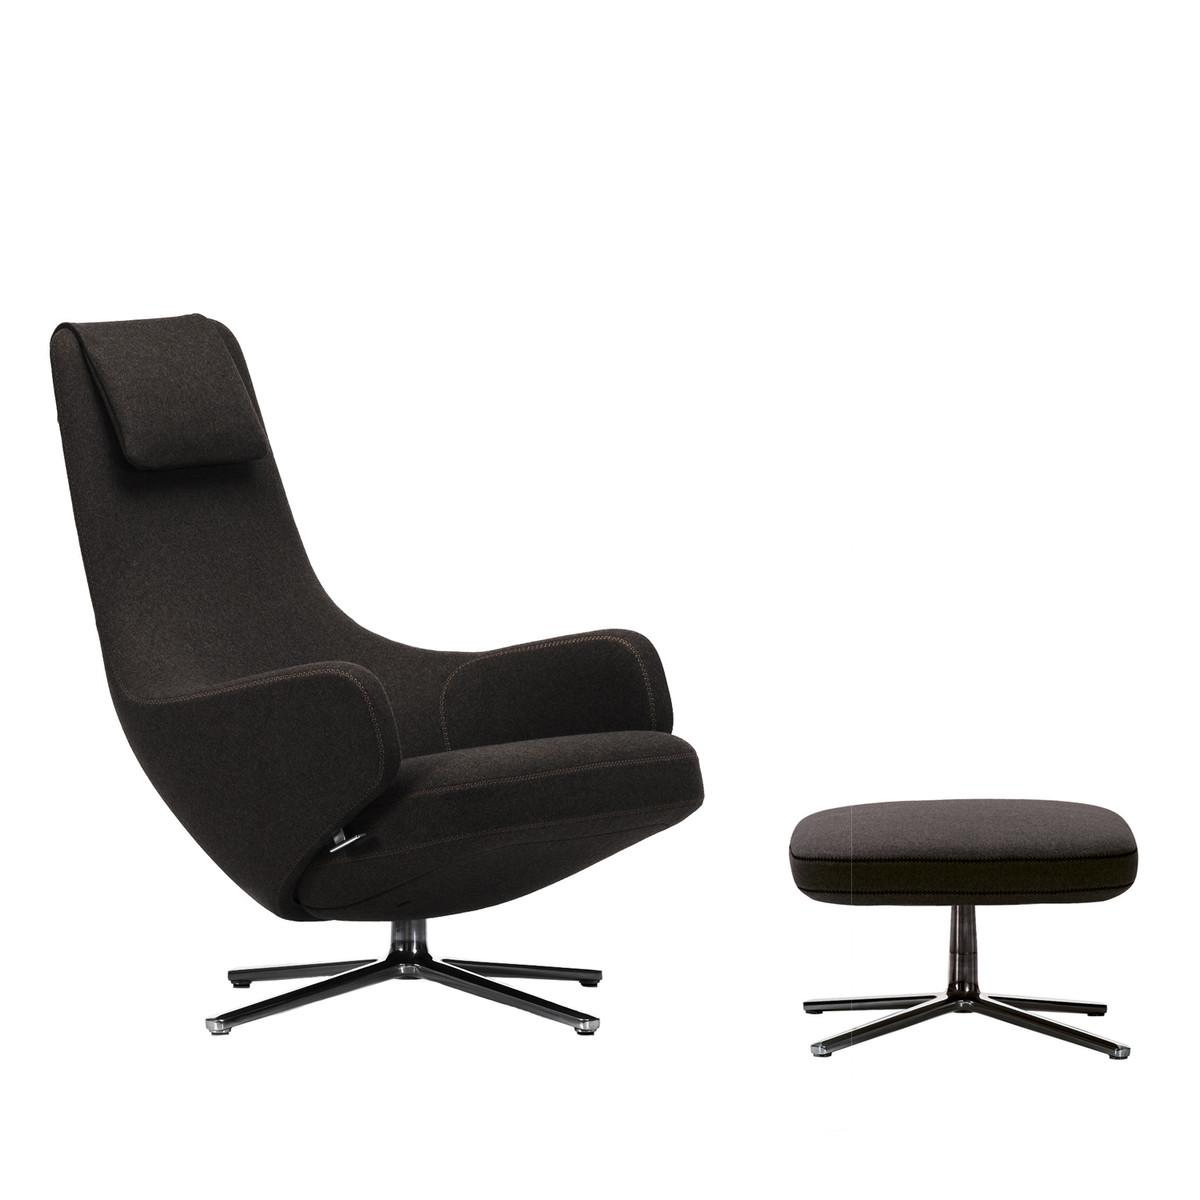 Black white studio for Vitra design sessel